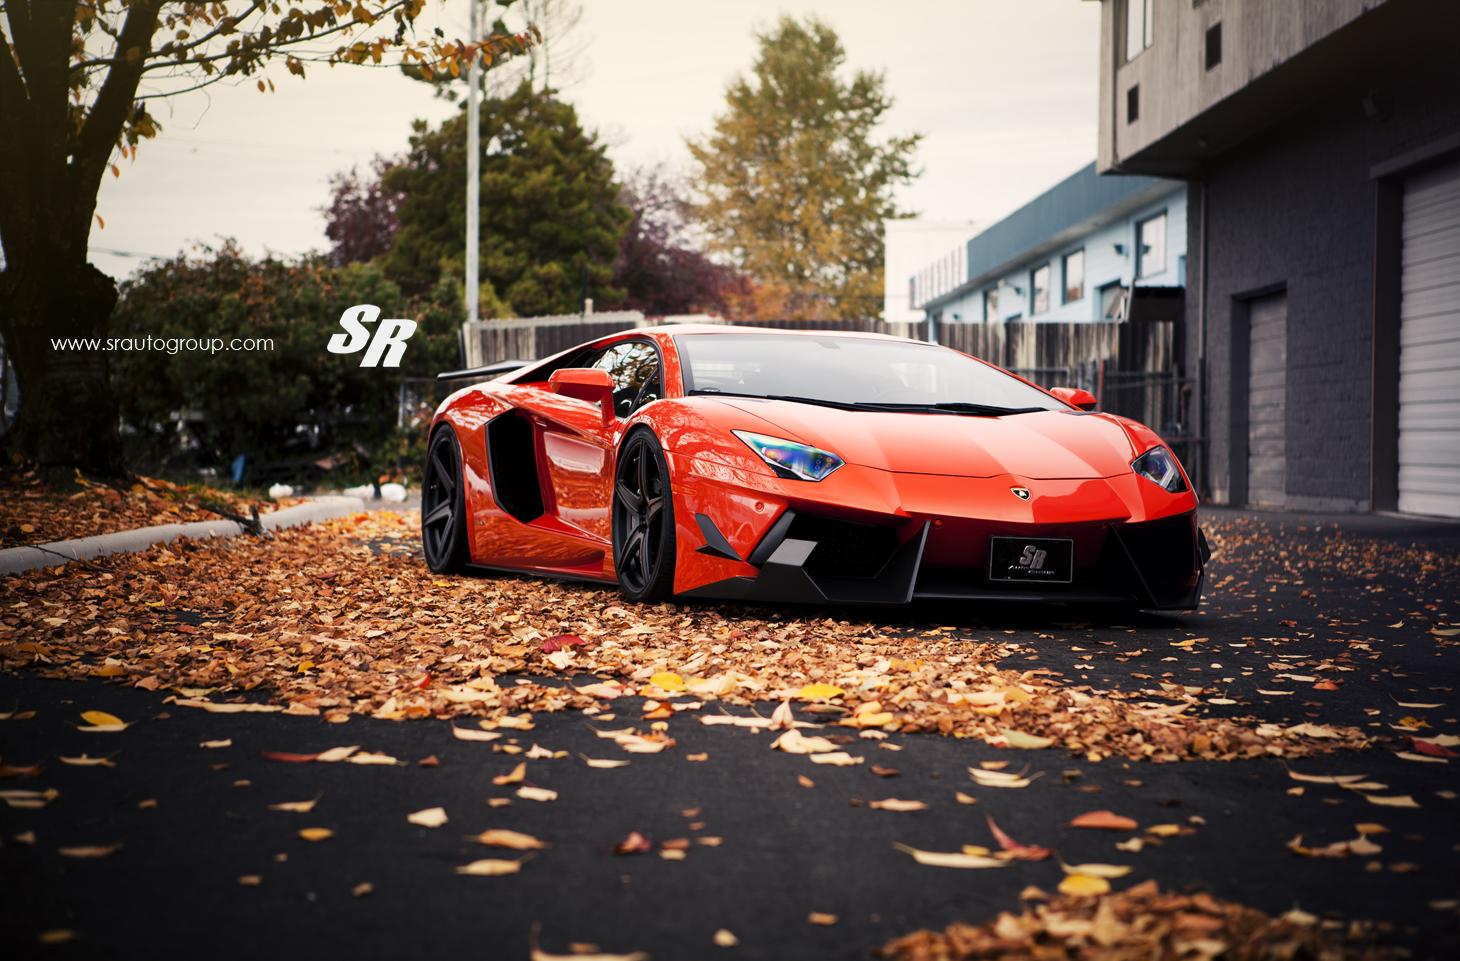 Lamborghini Aventador độ nổi bật giữa sắc thu